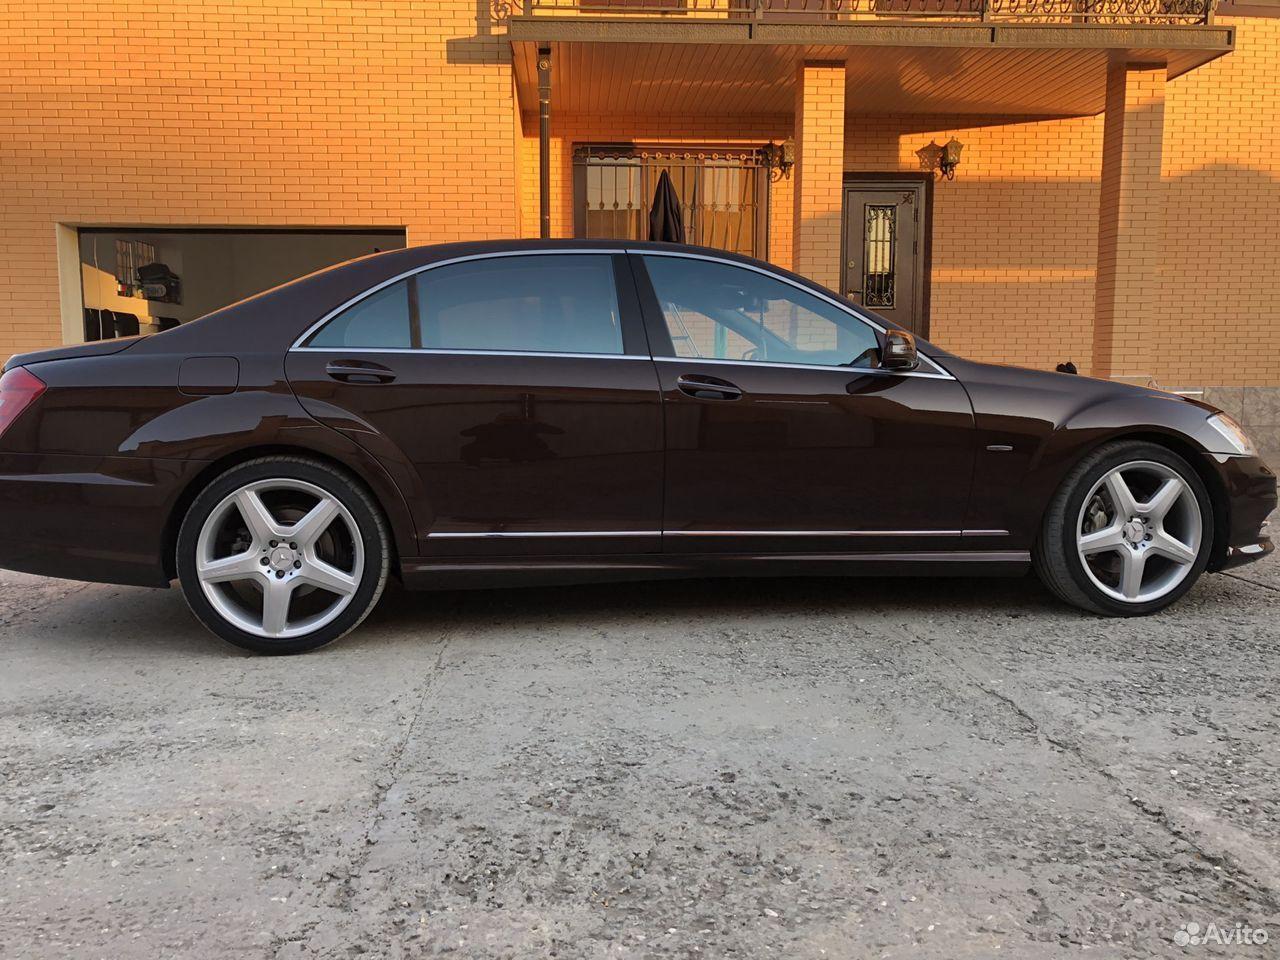 Mercedes-Benz S-class, 2010 89280022002 buy 4